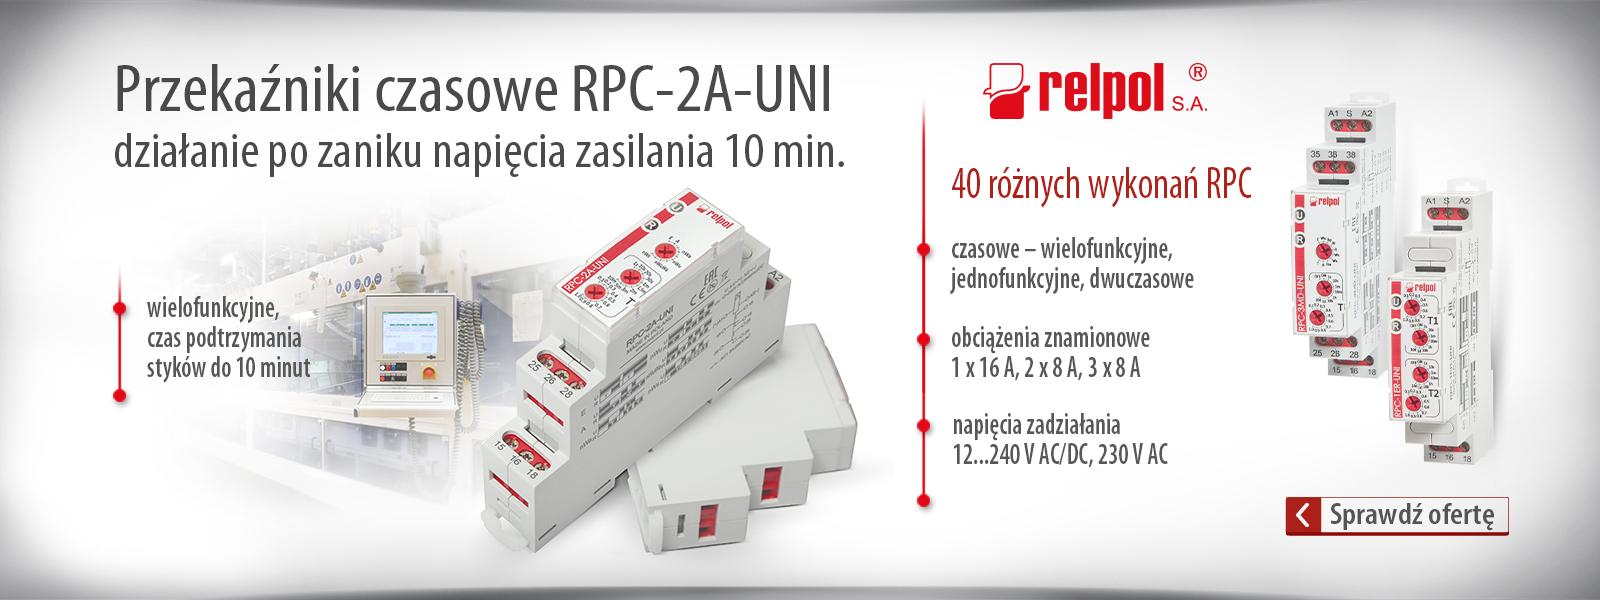 Przekaźniki RPC firmy Relpol